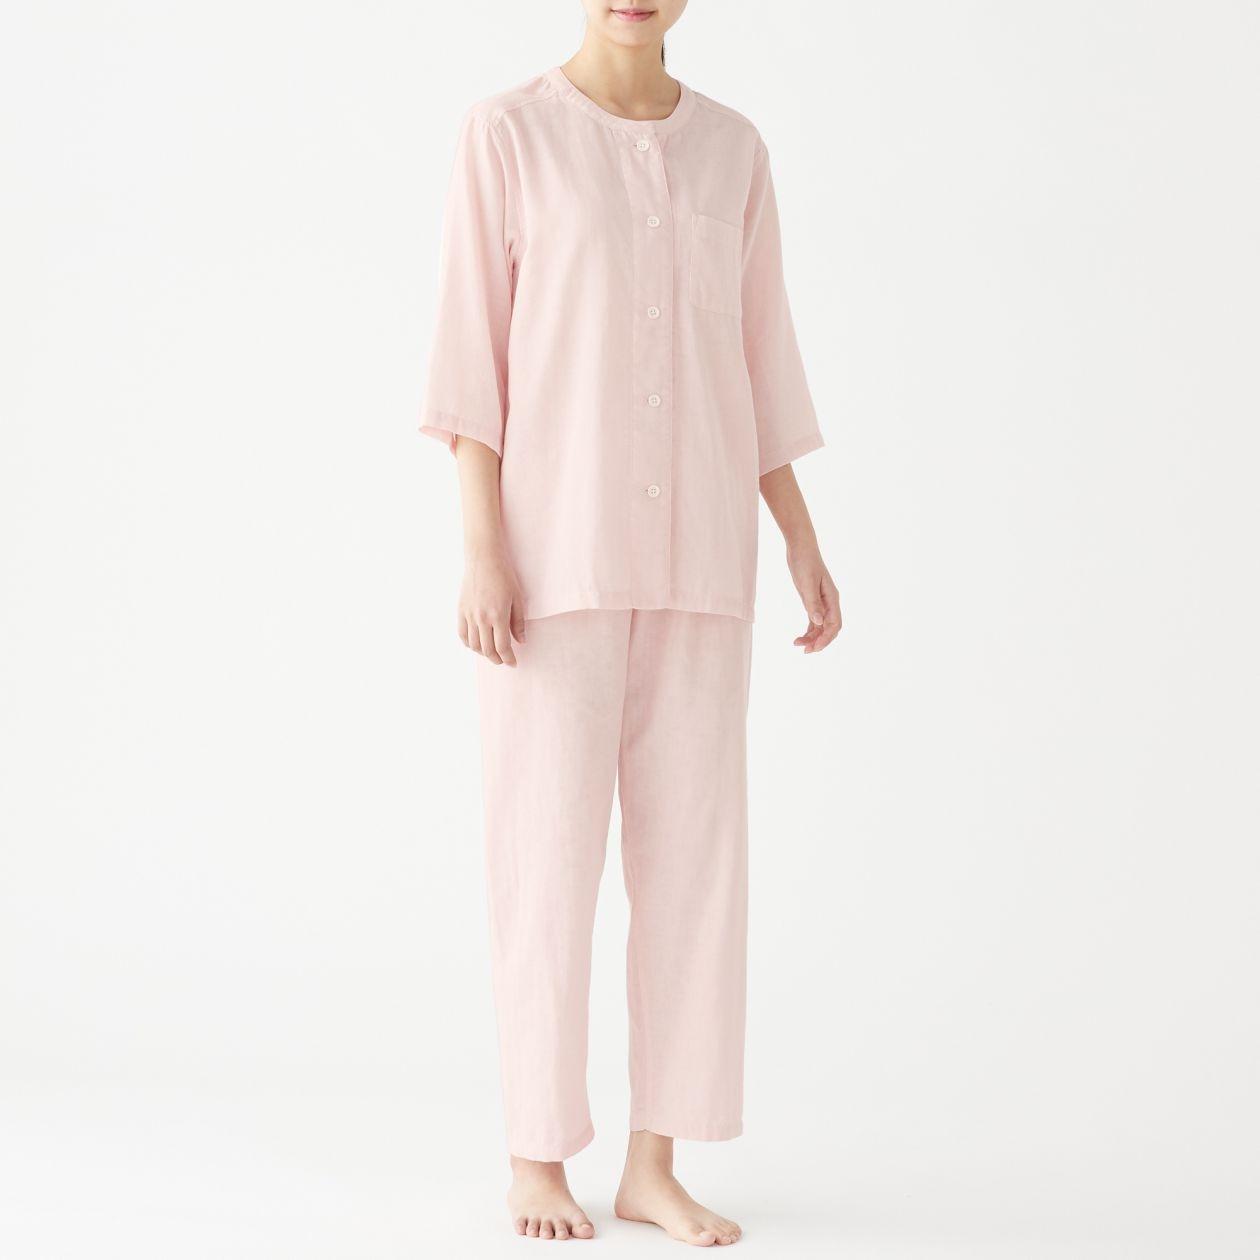 脇に縫い目のない 細番手二重ガーゼ七分袖パジャマ